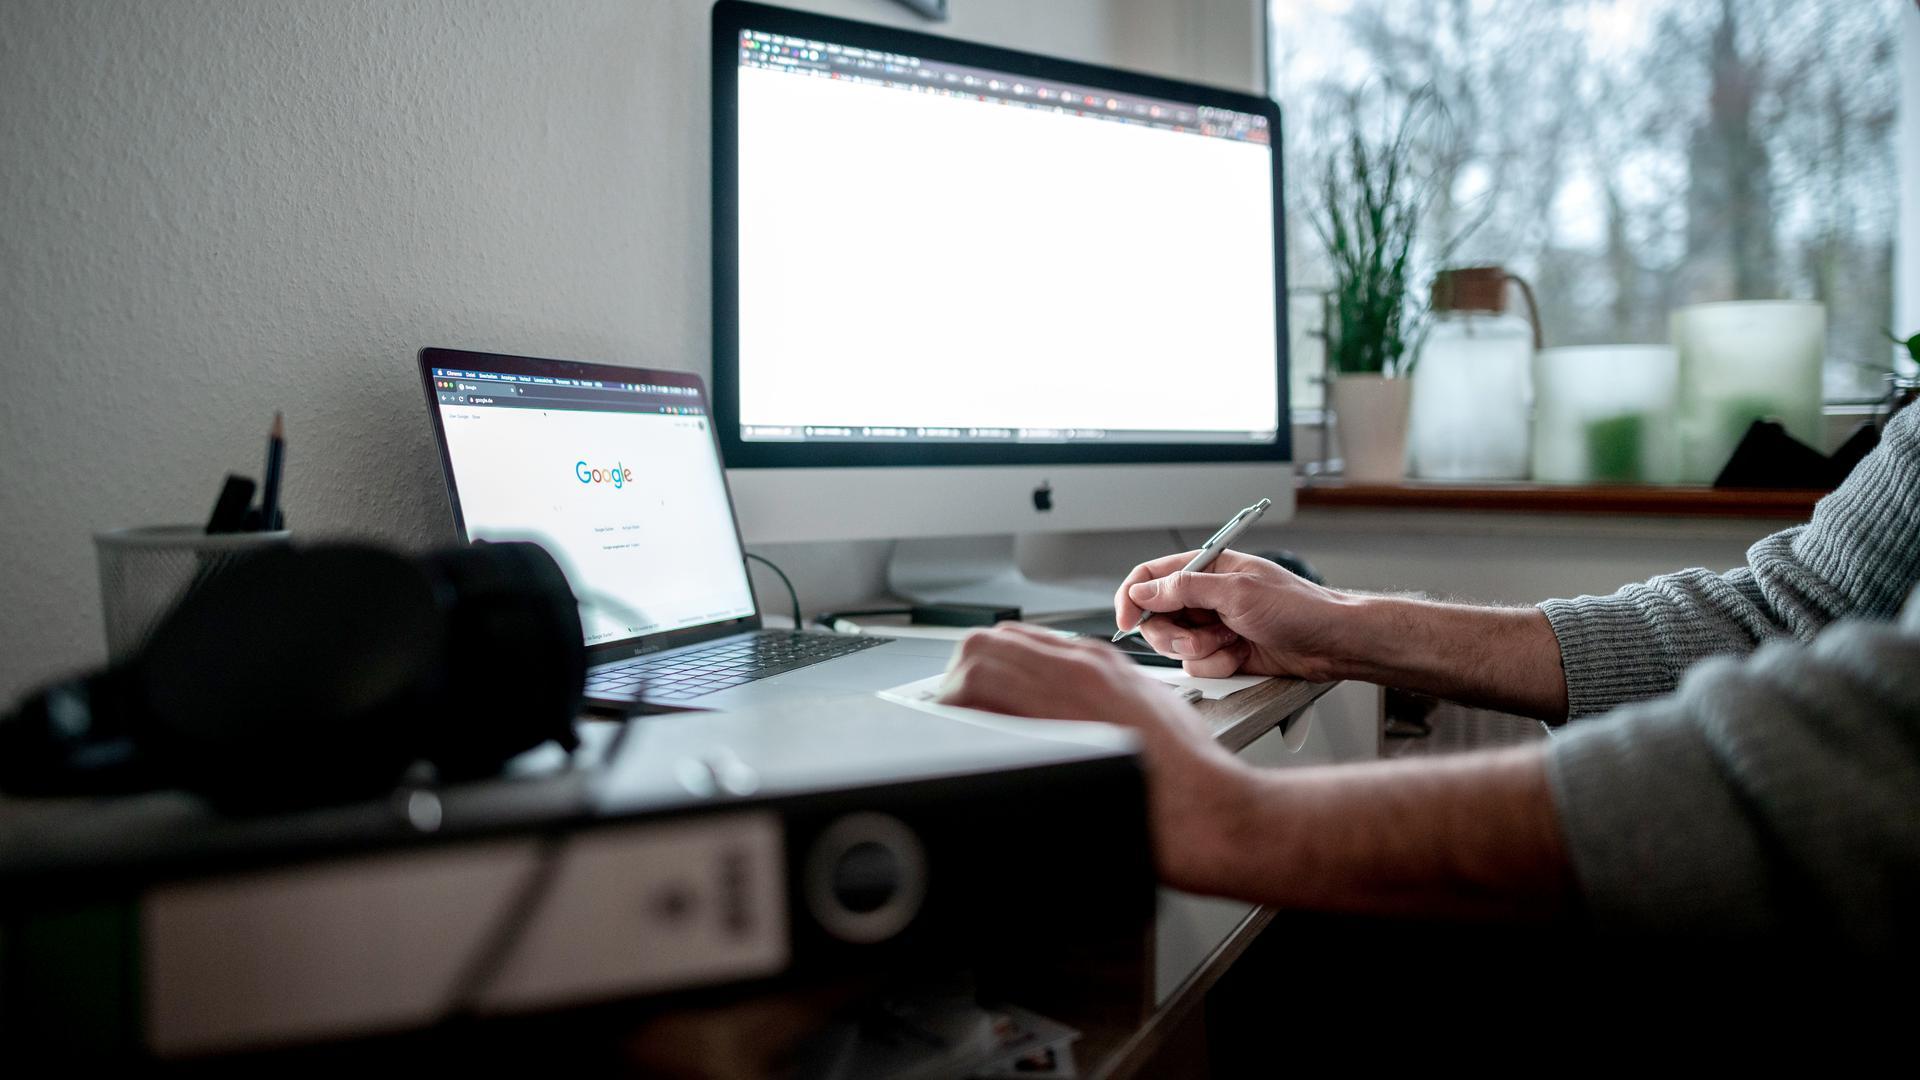 Ein Mann sitzt mit einem Laptop und einem Bildschirm an einem Tisch vor einem Fenster im Homeoffice.